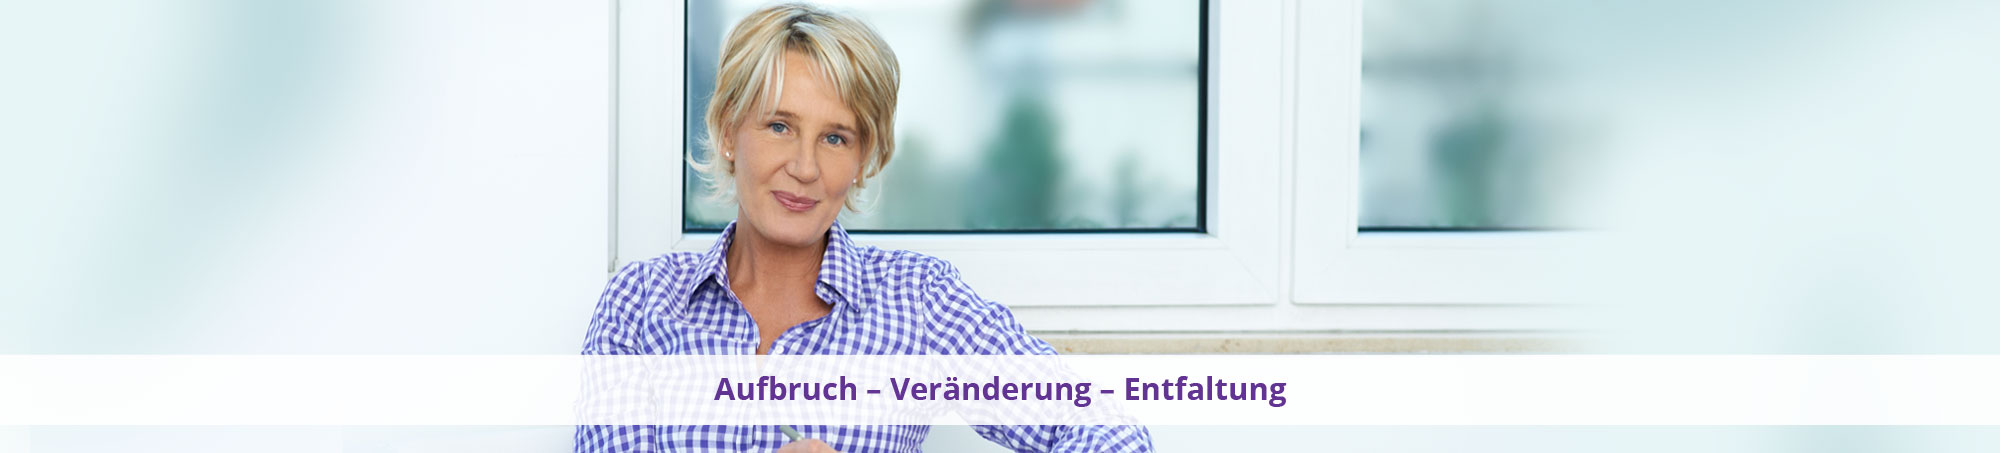 http://ax-coaching-wiesbaden.de/wp-content/uploads/2014/04/slider_ax1.jpg